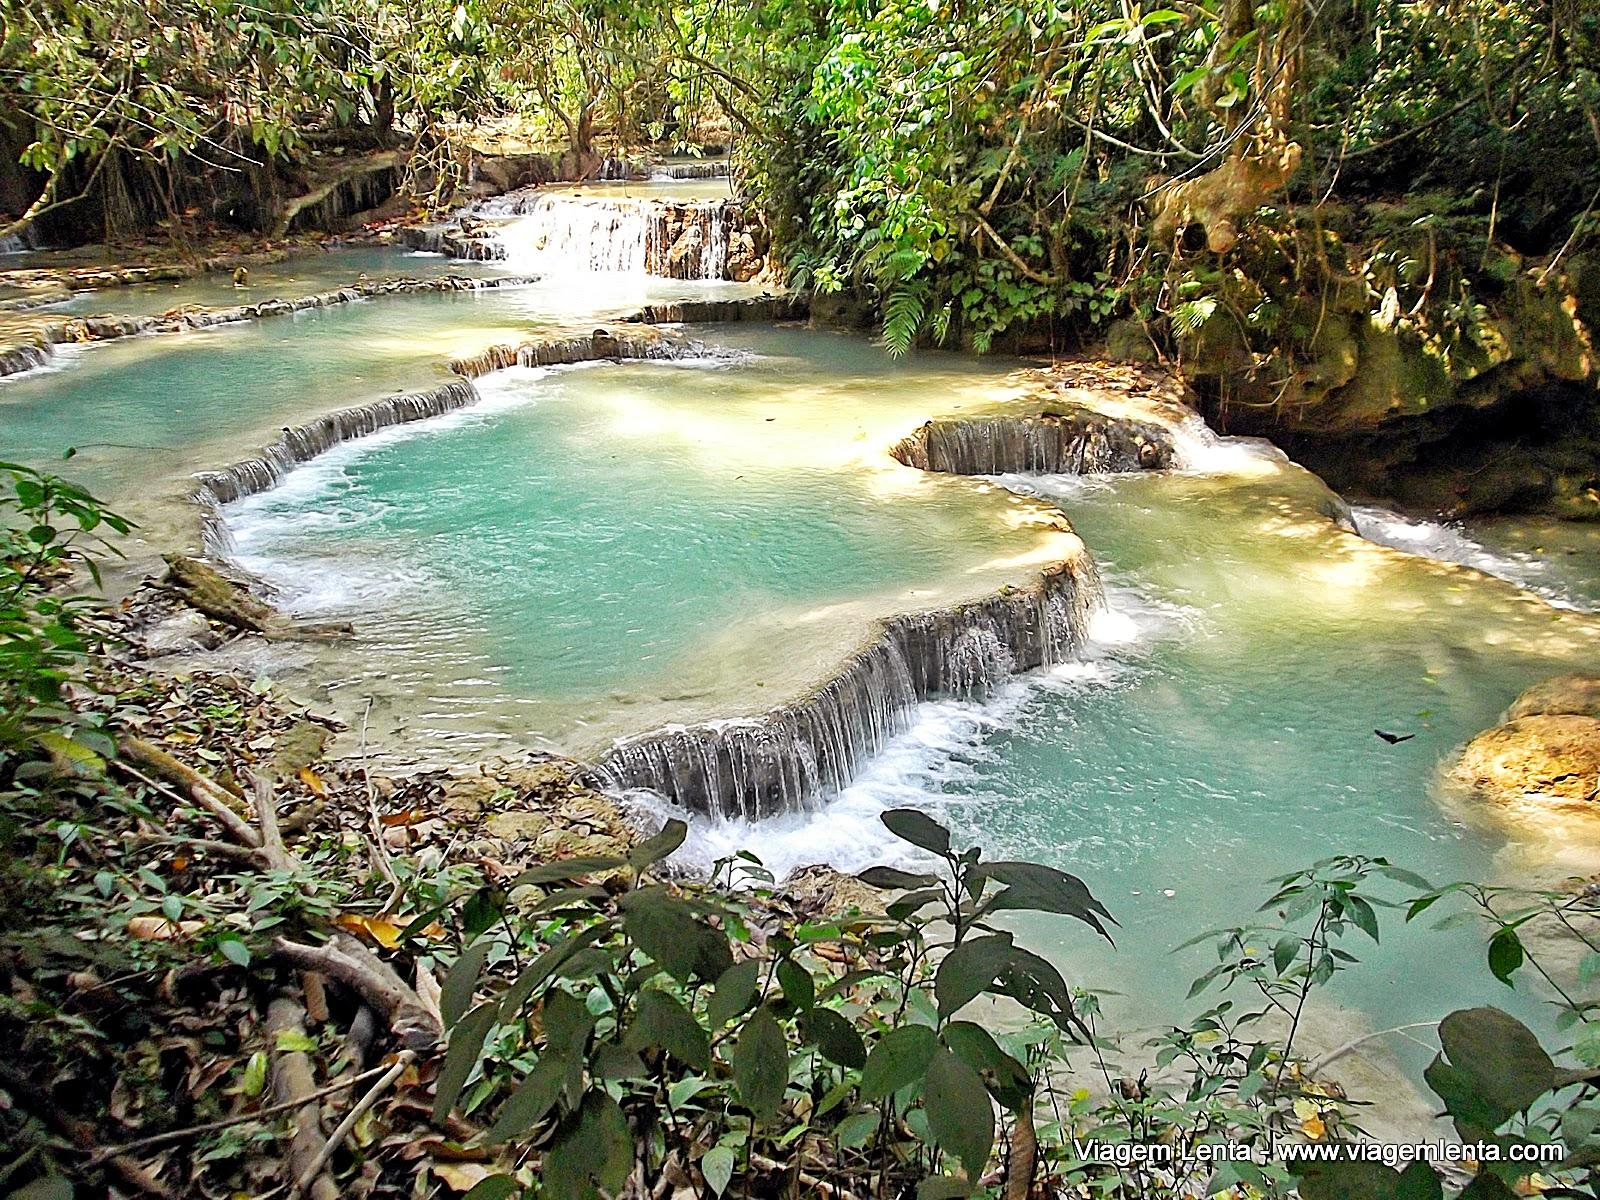 Relato de viagem à cidade de Luang Prabang, norte do Laos em meio a centenas de monges. Almsgiving e cachoeiras Kuang Si, um espetáculo.